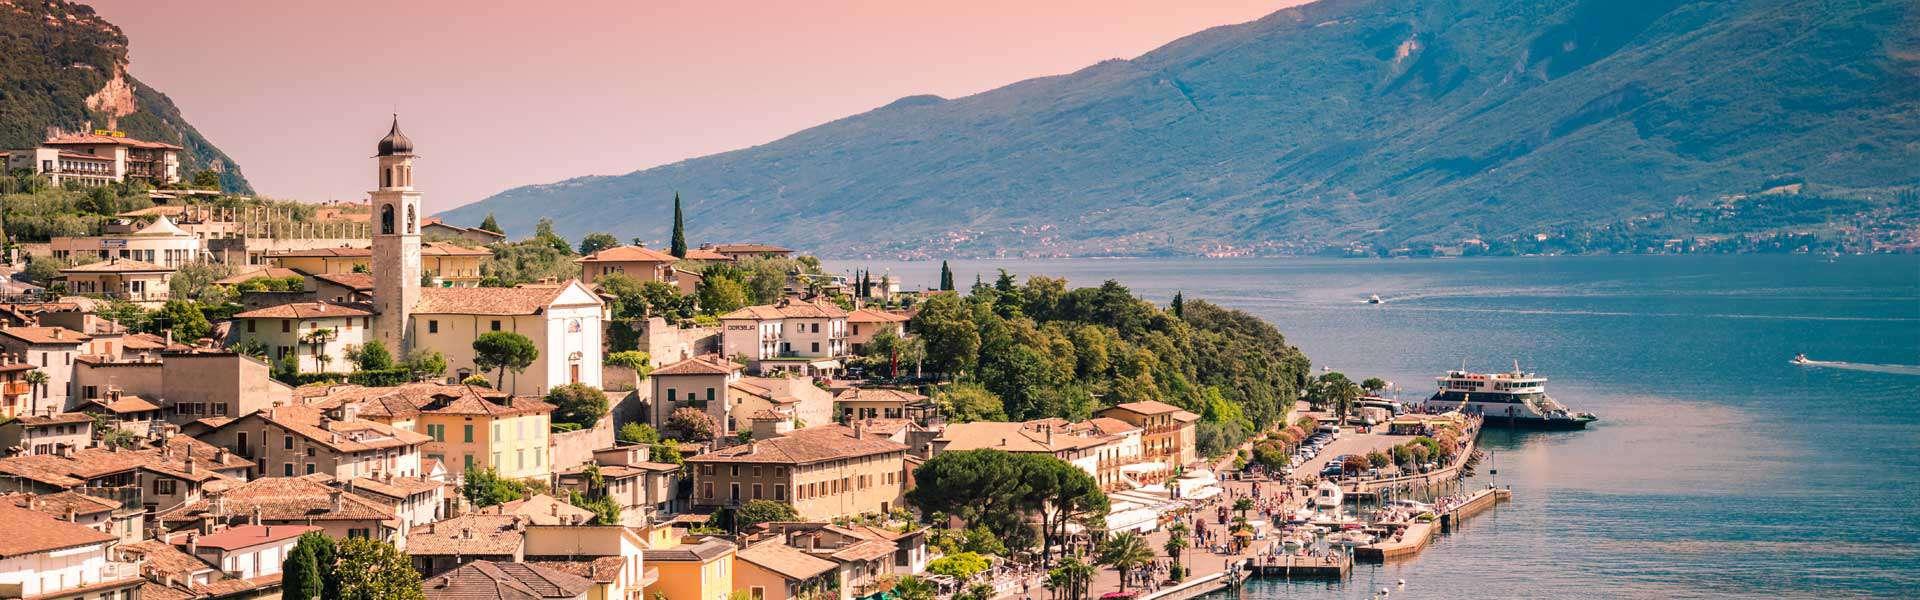 Traumhaft schön. Der Gardasee, der zu den oberitalienischen Seen gehört, ist der größte See Italiens.